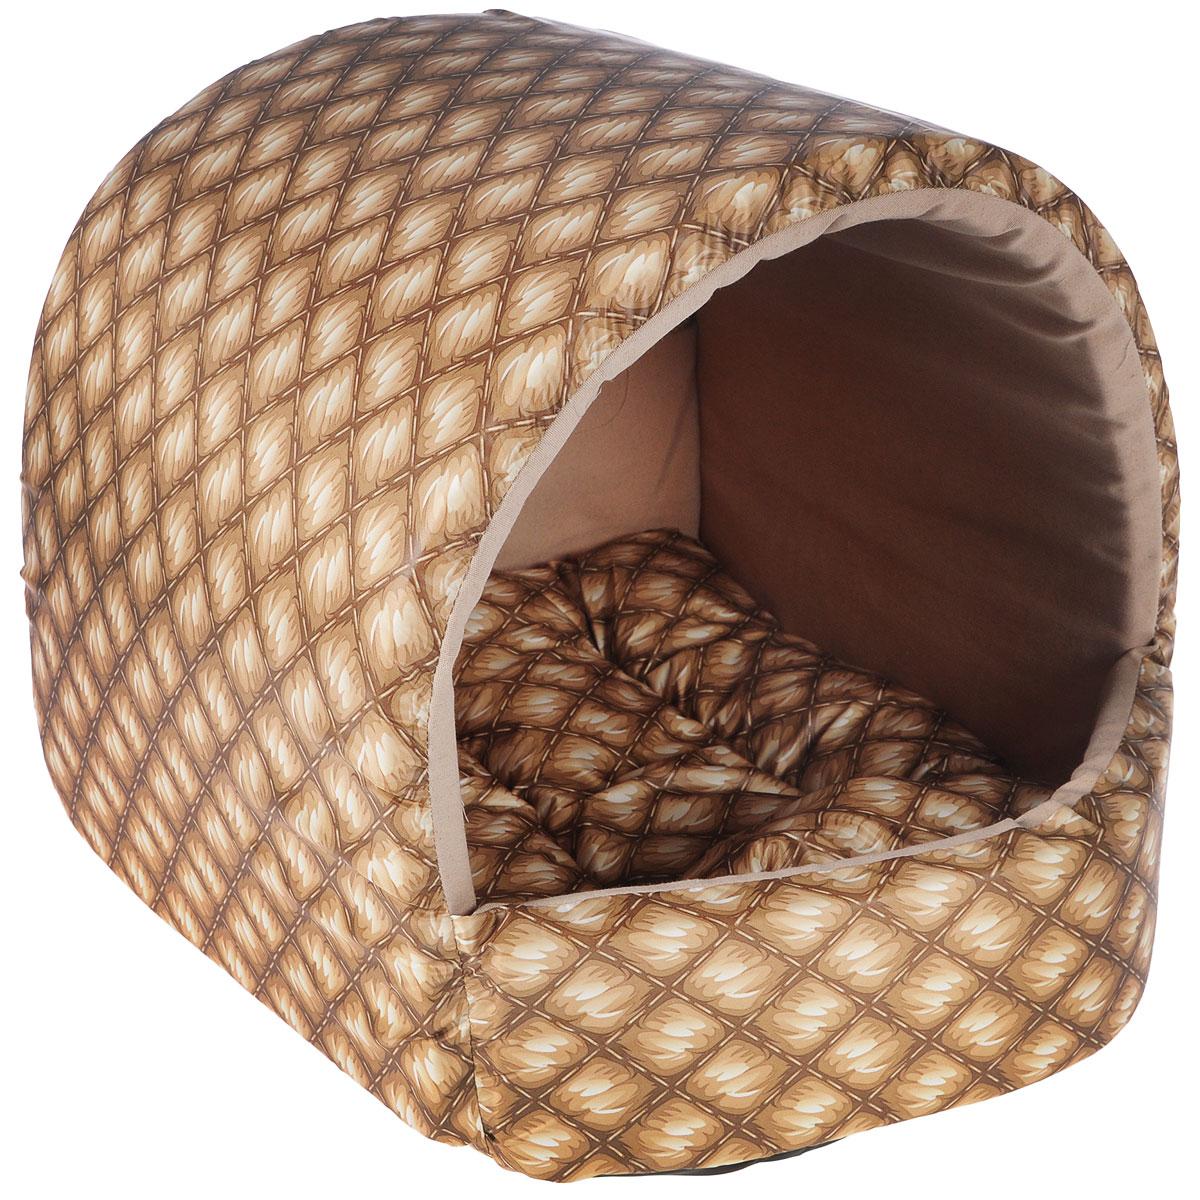 Домик для собак Happy Puppy Шотландия, цвет: песочный, бежевый, 37 x 37 x 40 см домик для собак happy puppy классик 37 x 37 x 40 см